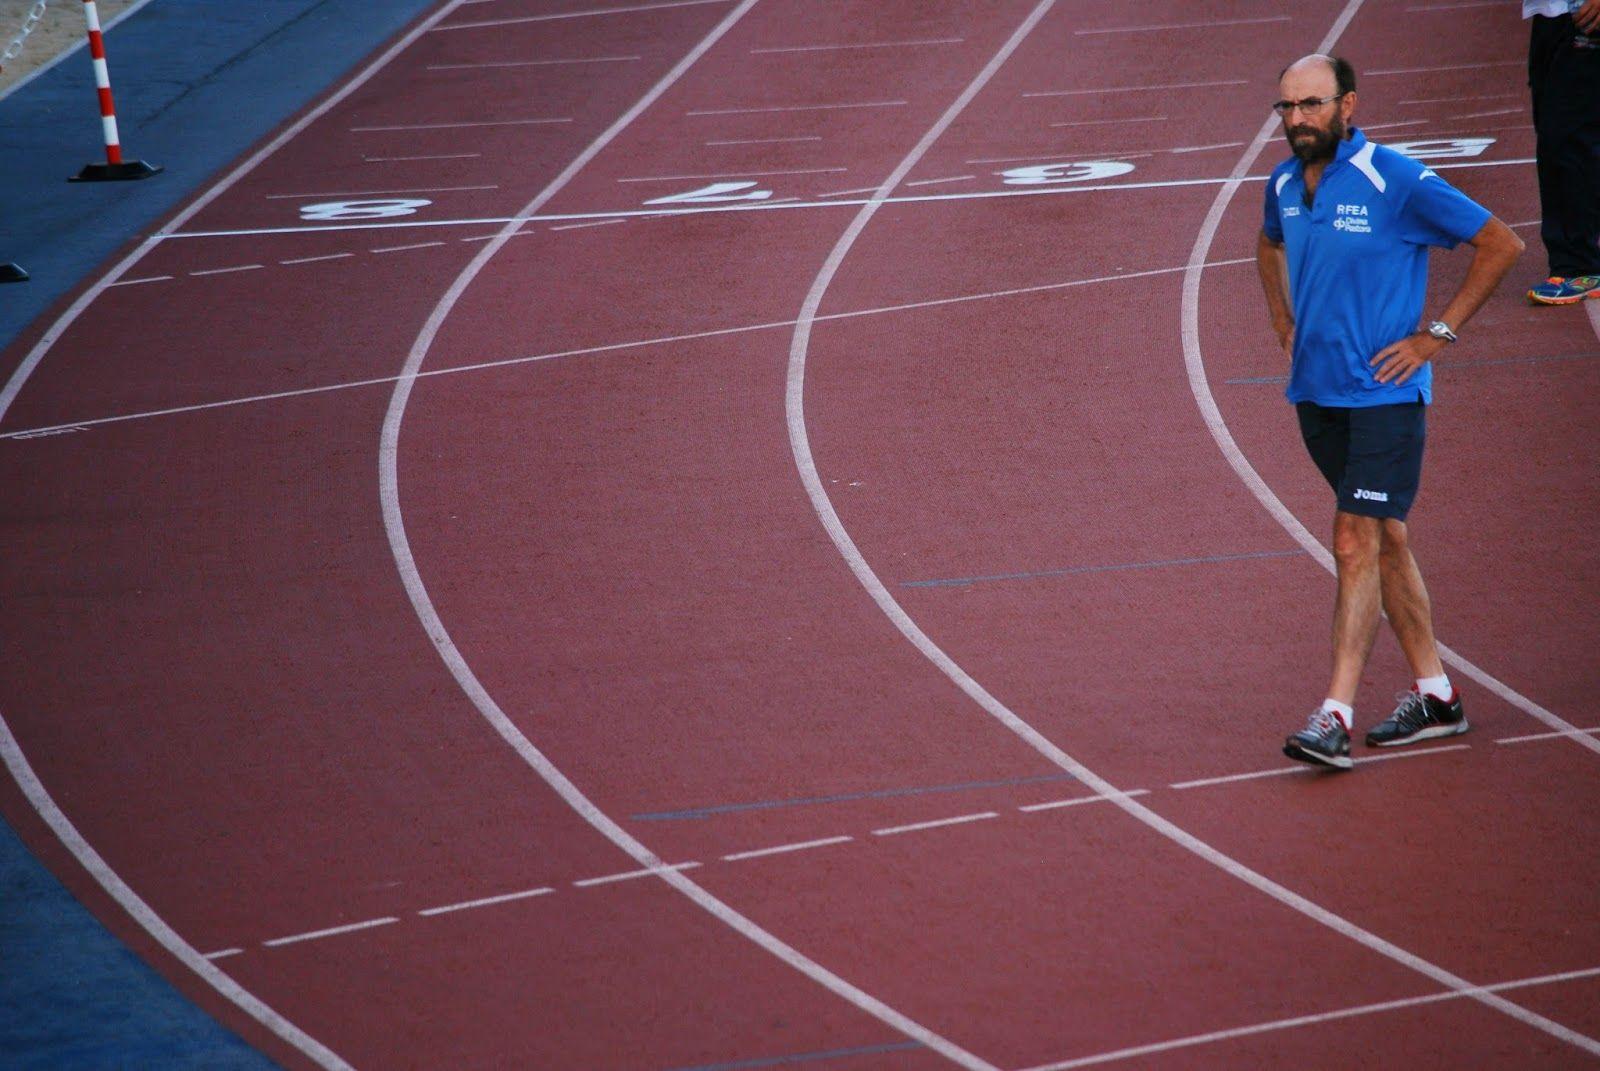 Atletismo Y Algo Más 11346 Fernando Marquina Alonso Responsable Del Atletismo Atleta Getafe